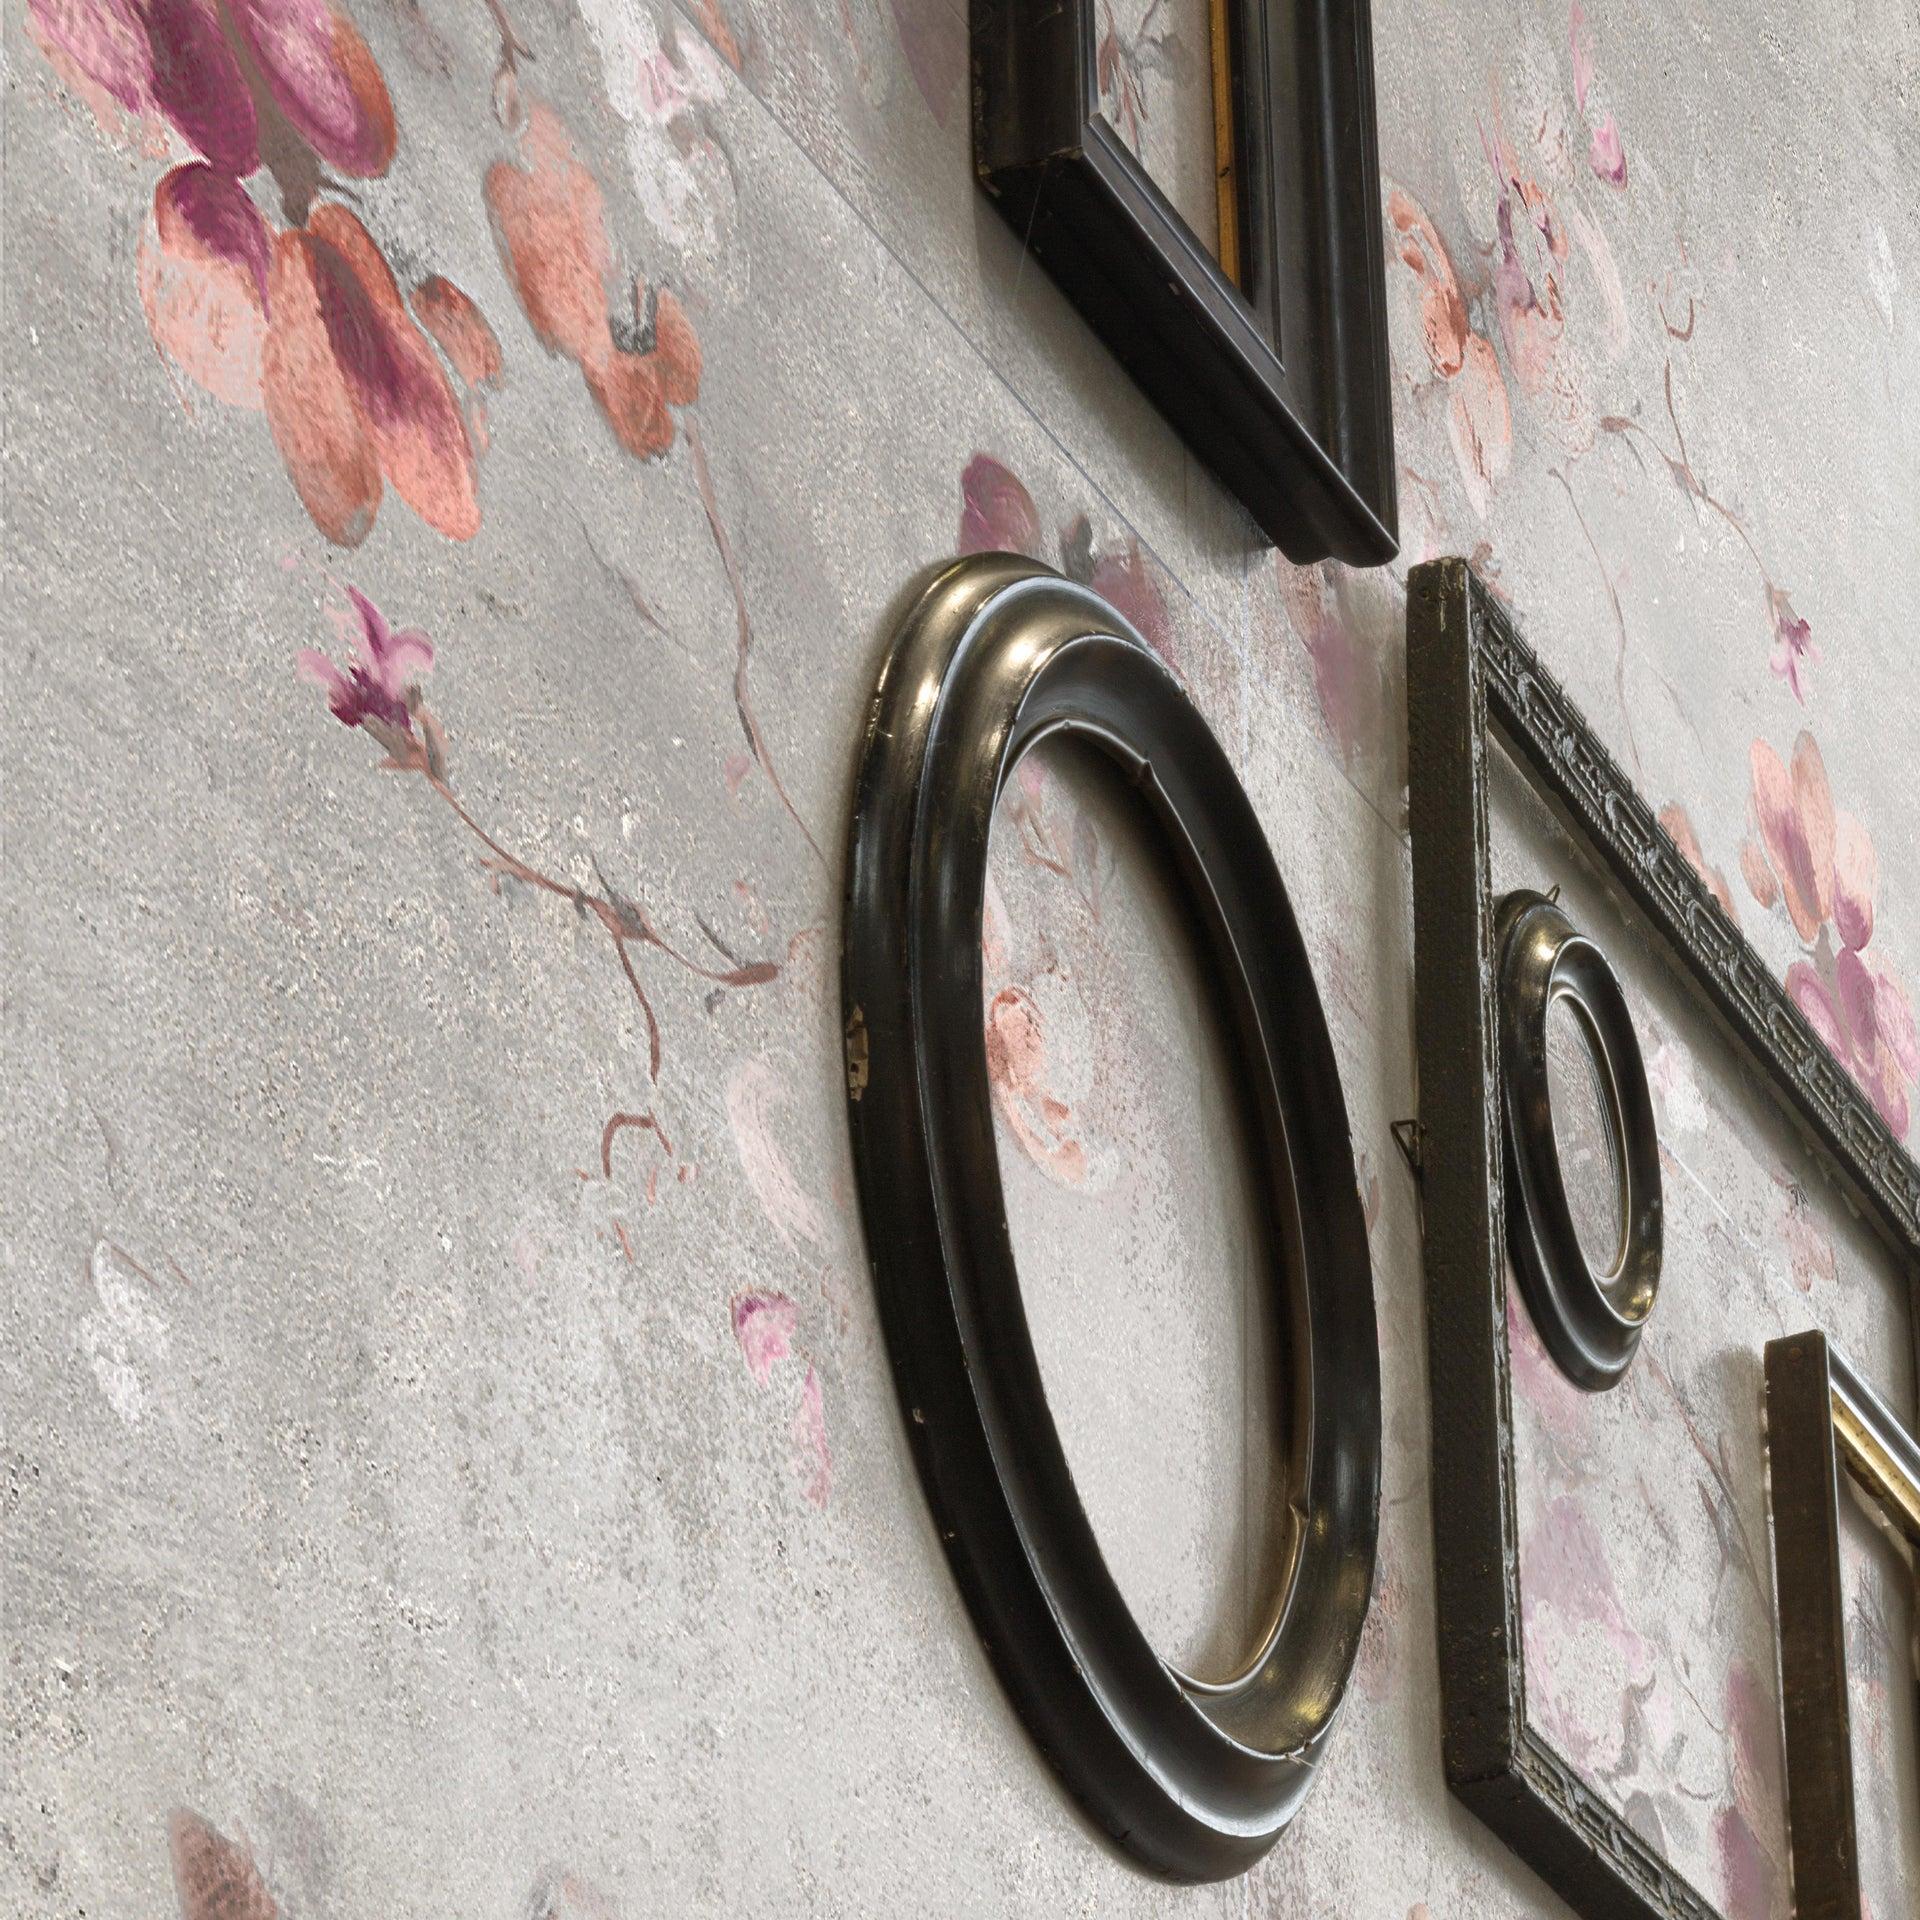 Piastrella City Grey Decoro Flower 60 x 120 cm sp. 9.5 mm PEI 4/5 grigio - 2